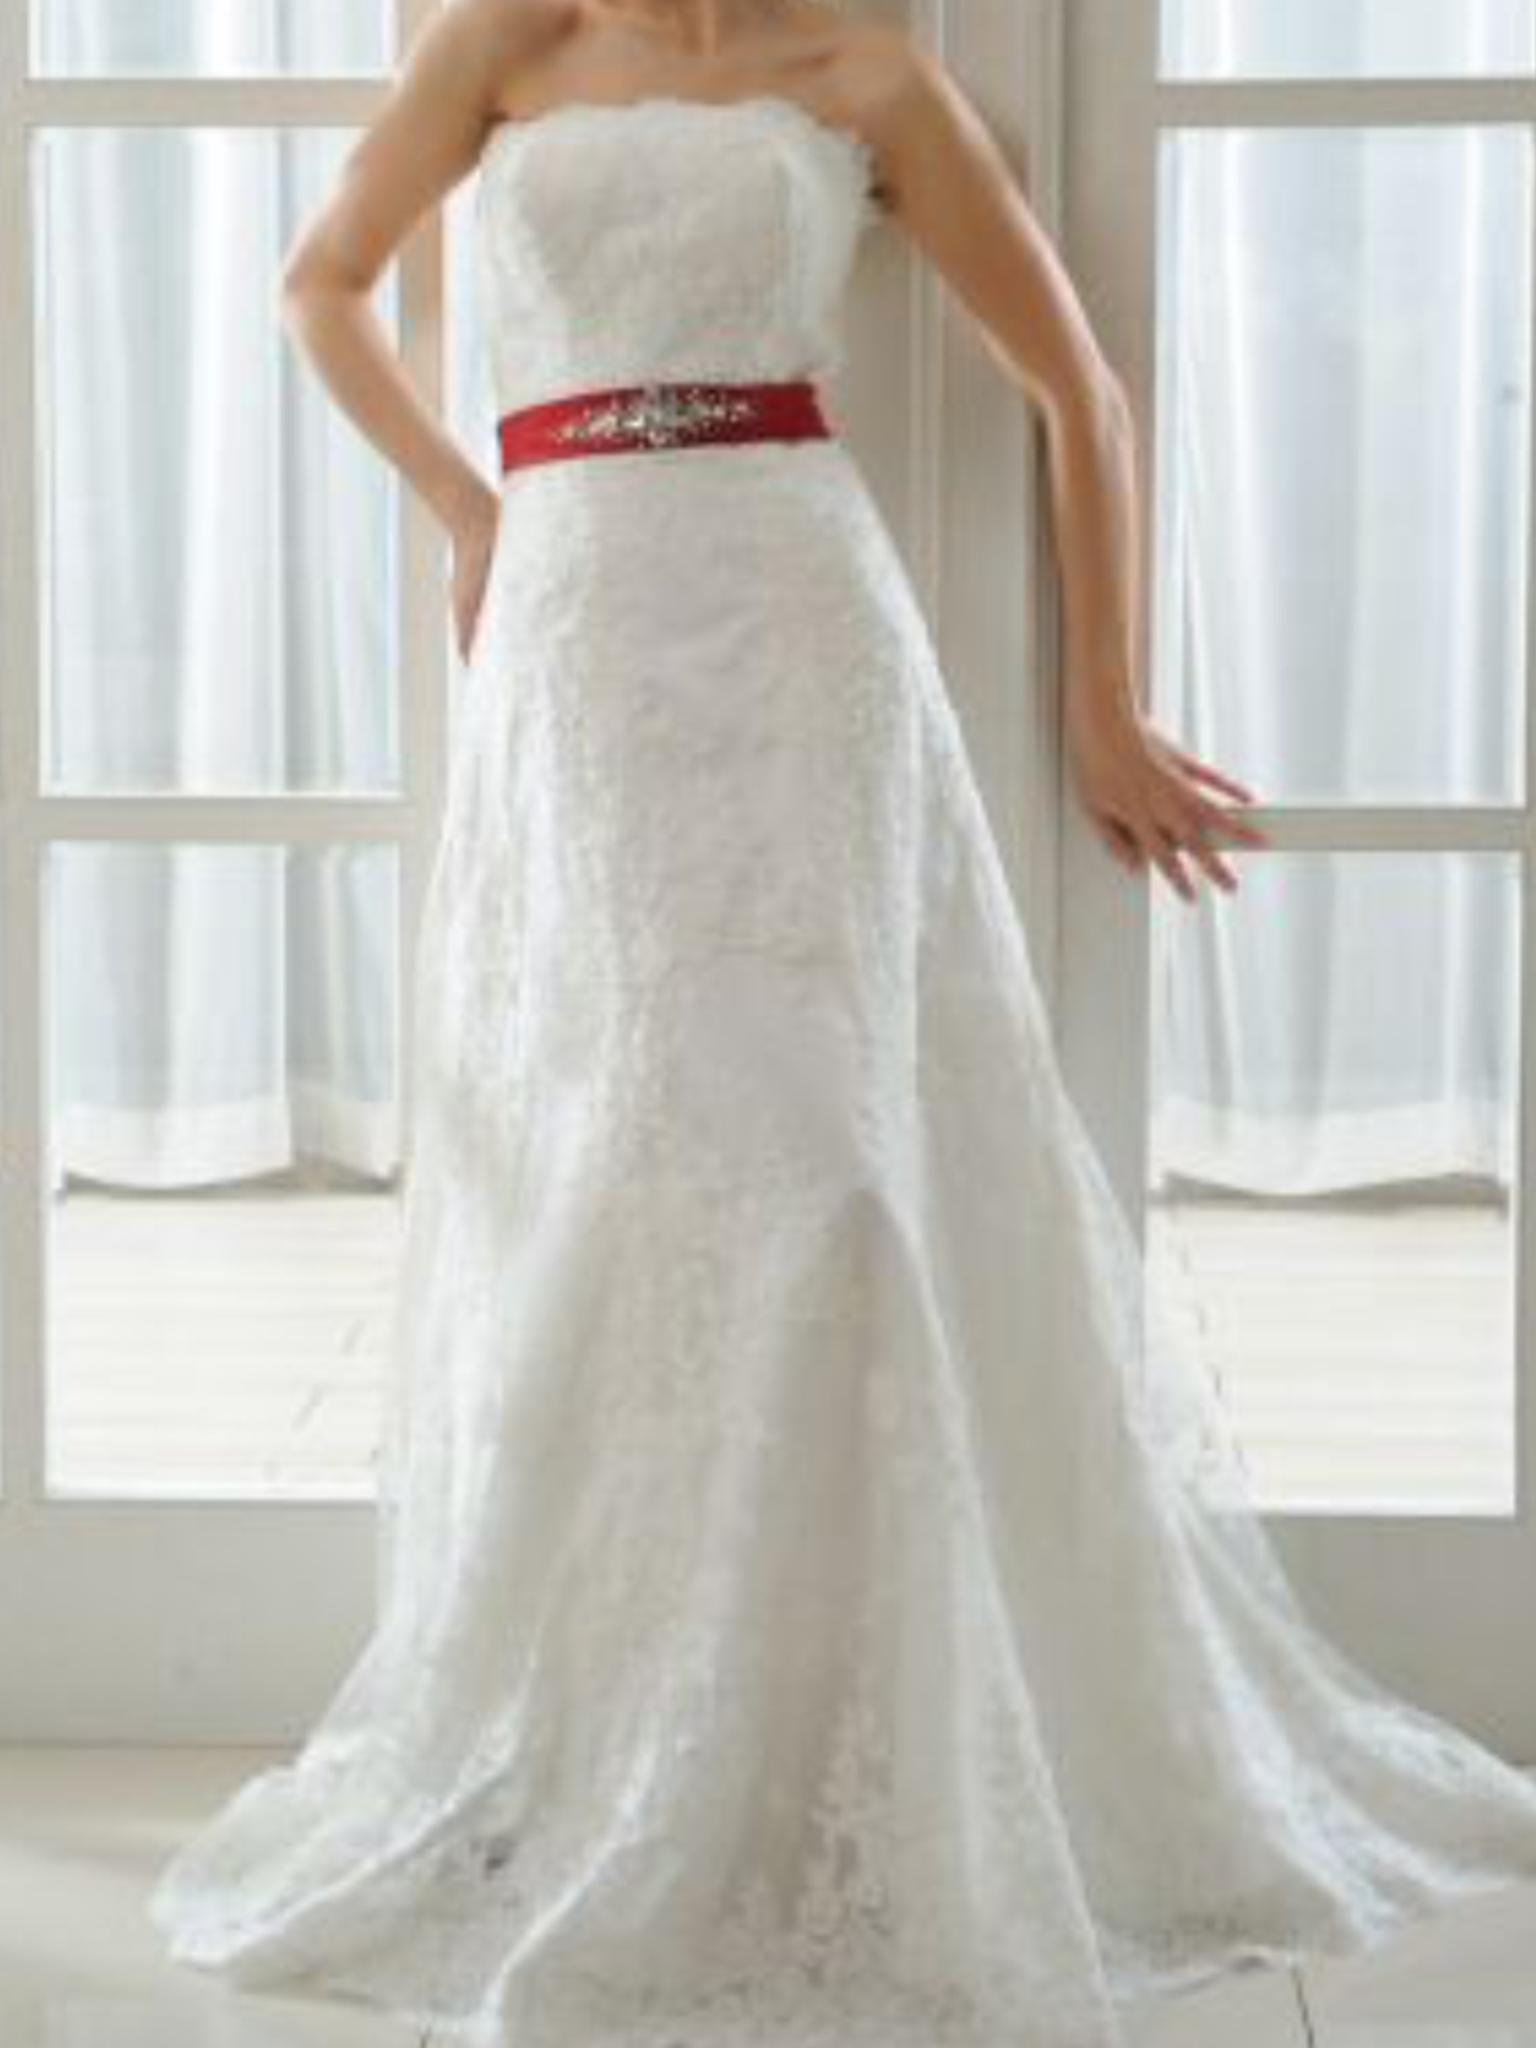 Brides By Harvee Odette New Wedding Dress On Sale 75 Off